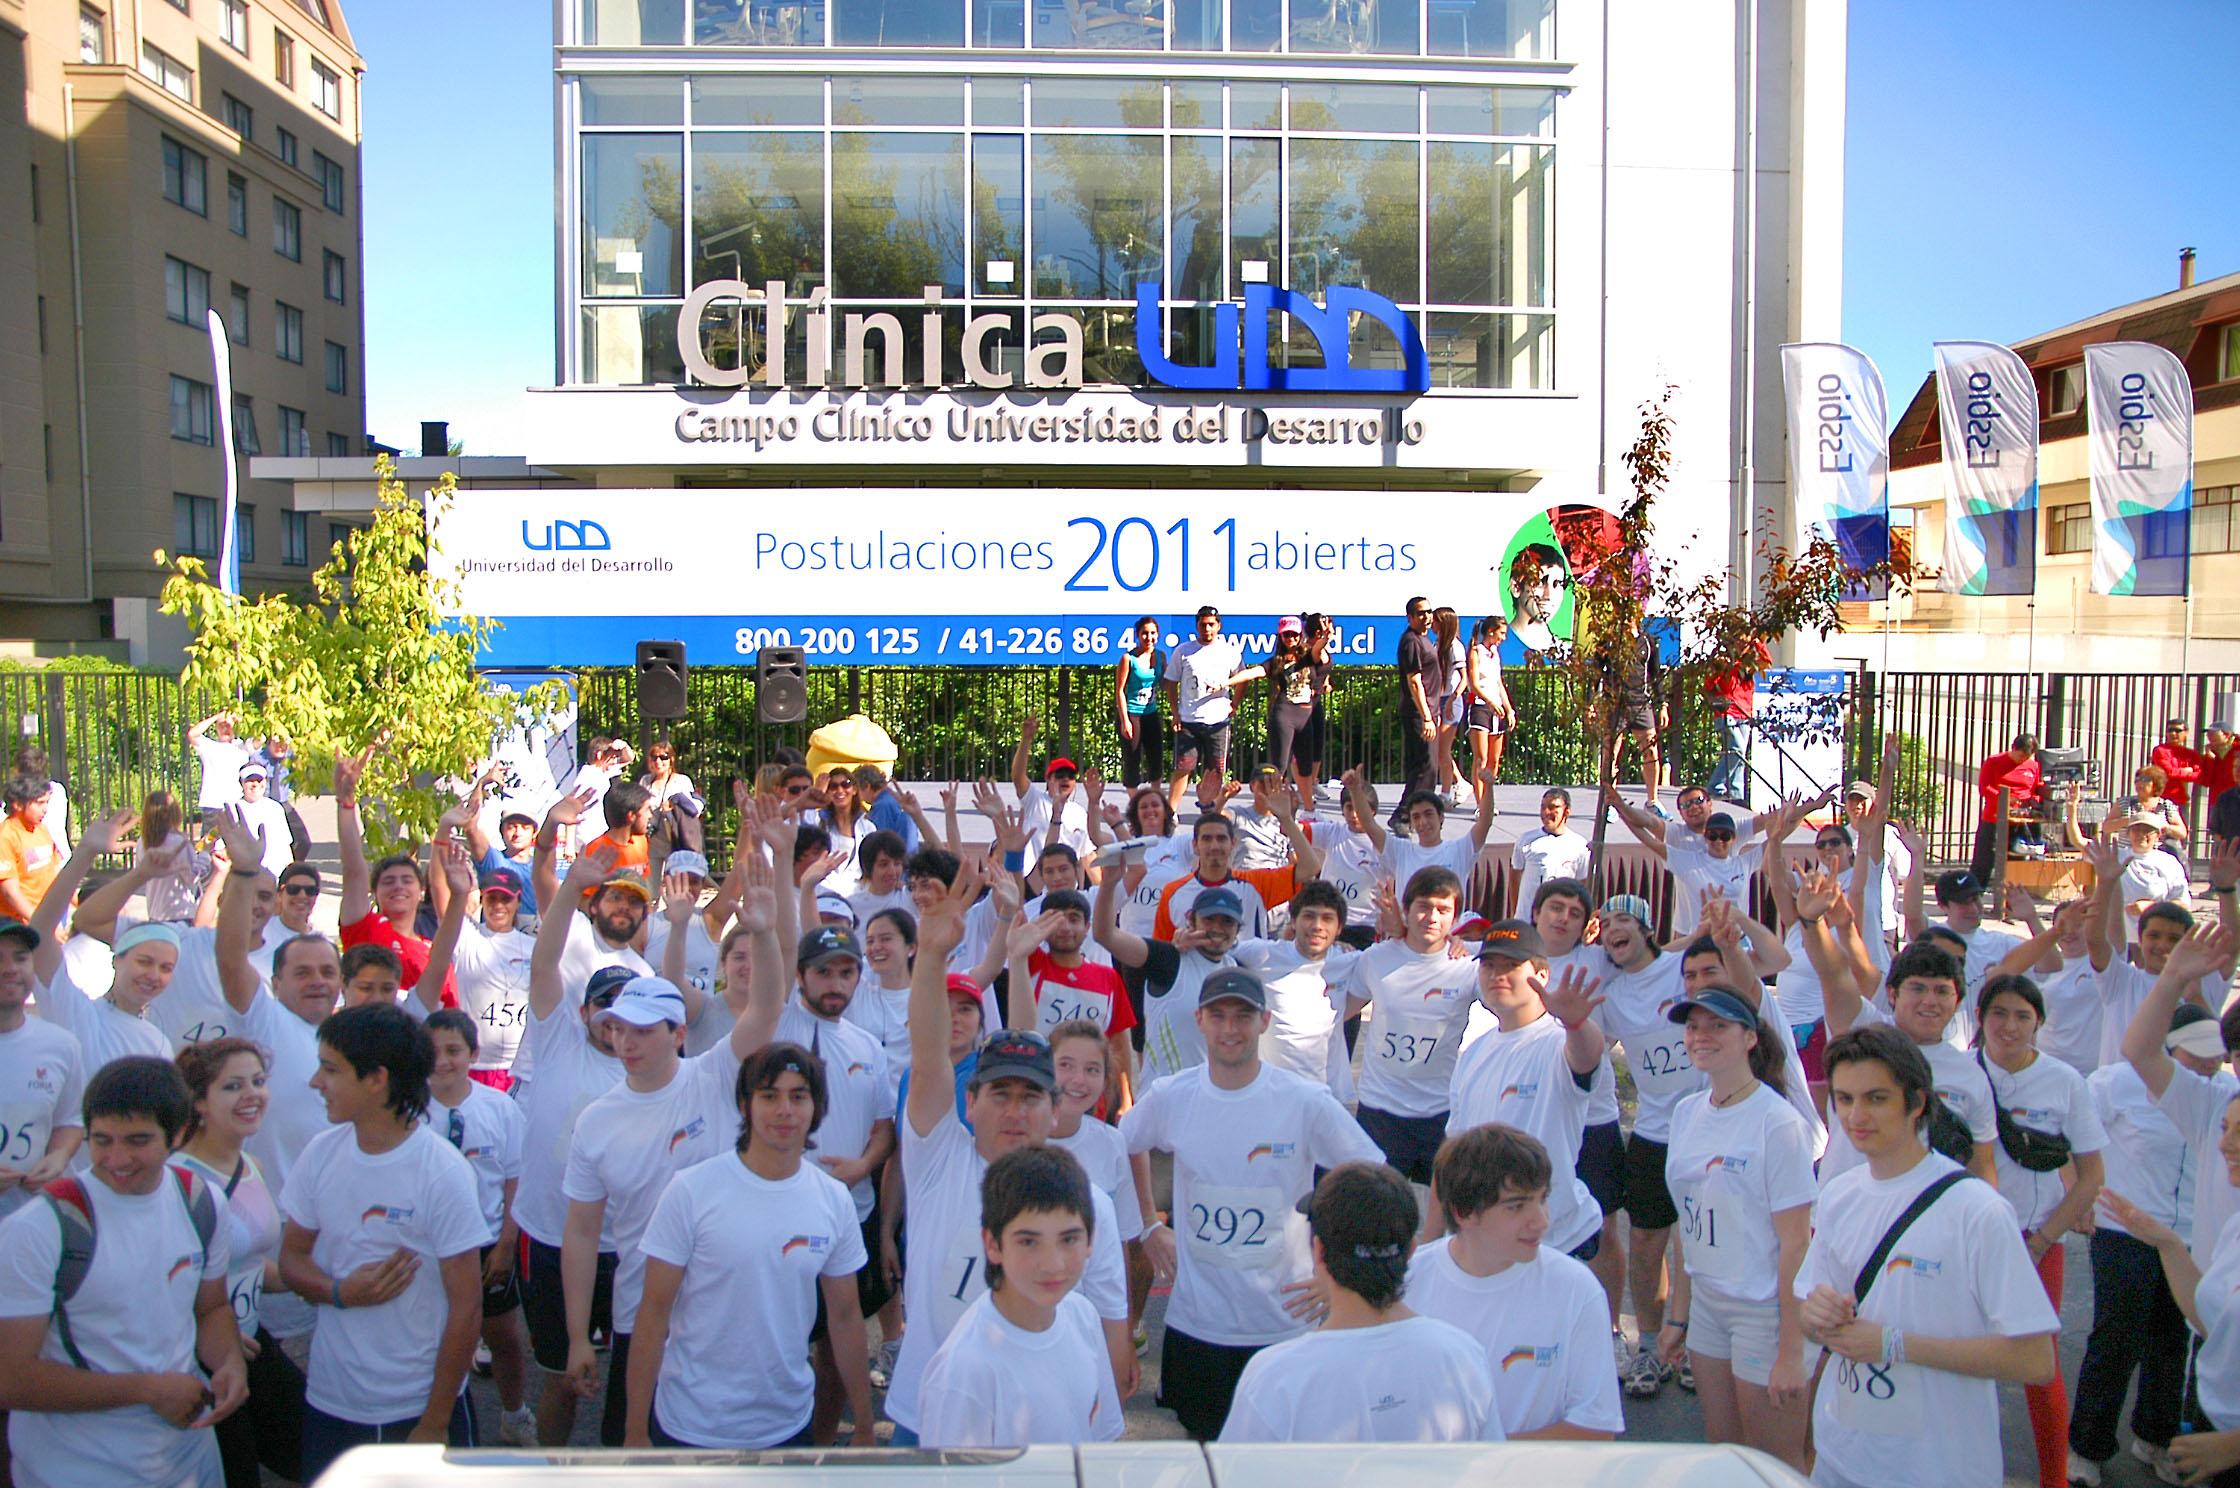 """CORRIDA UDD: Seminario   """"Estilos de vida saludable: Tips para el óptimo desempeño de una actividad deportiva"""""""